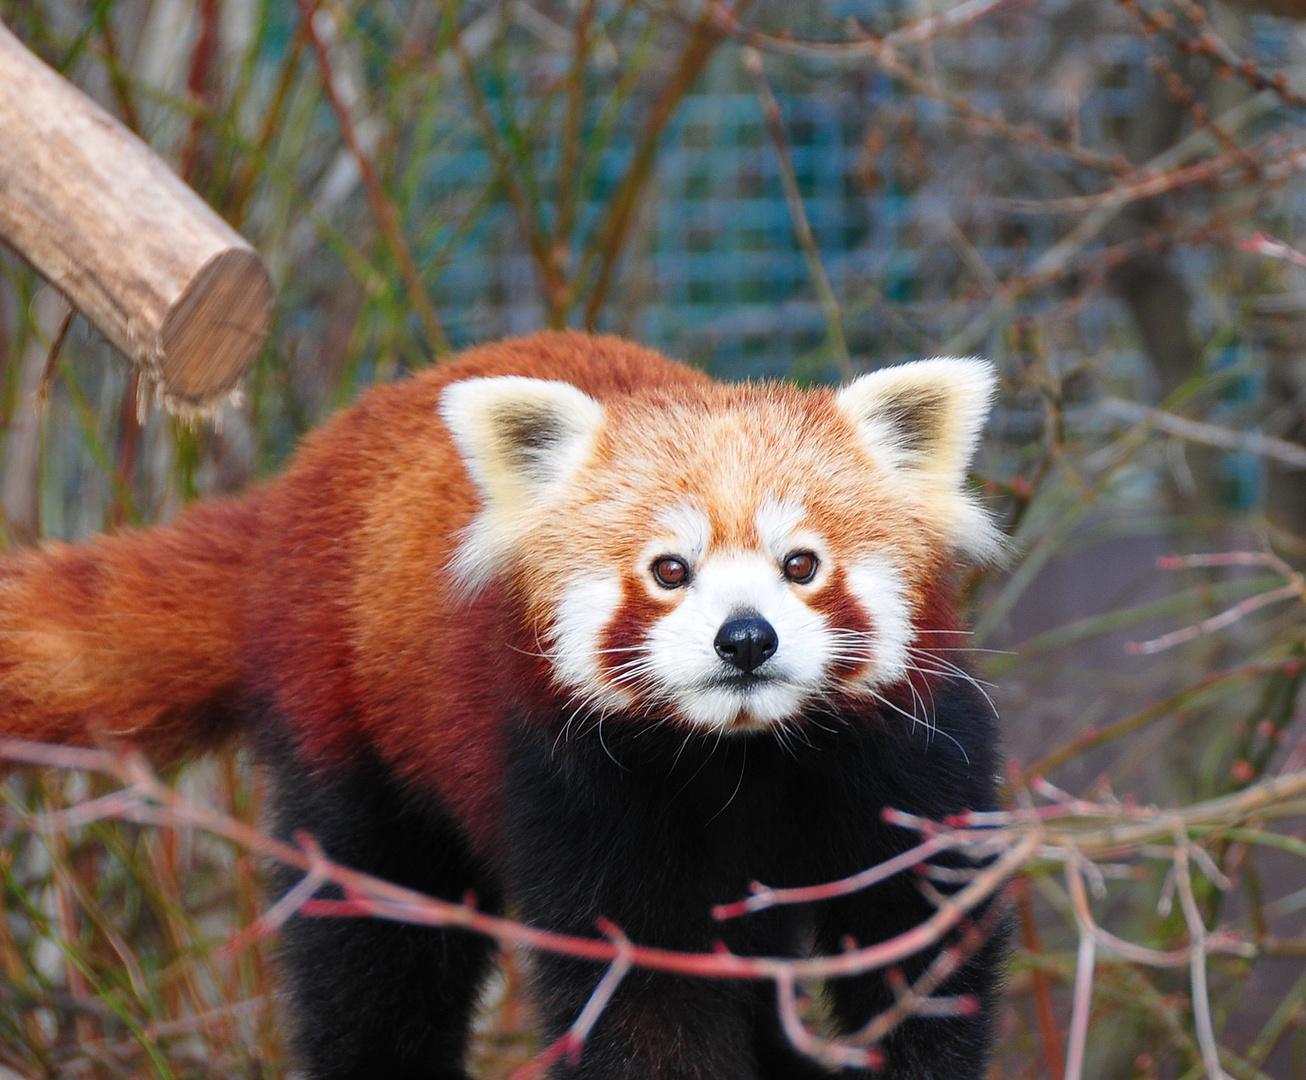 Katzenbär oder kleiner Panda